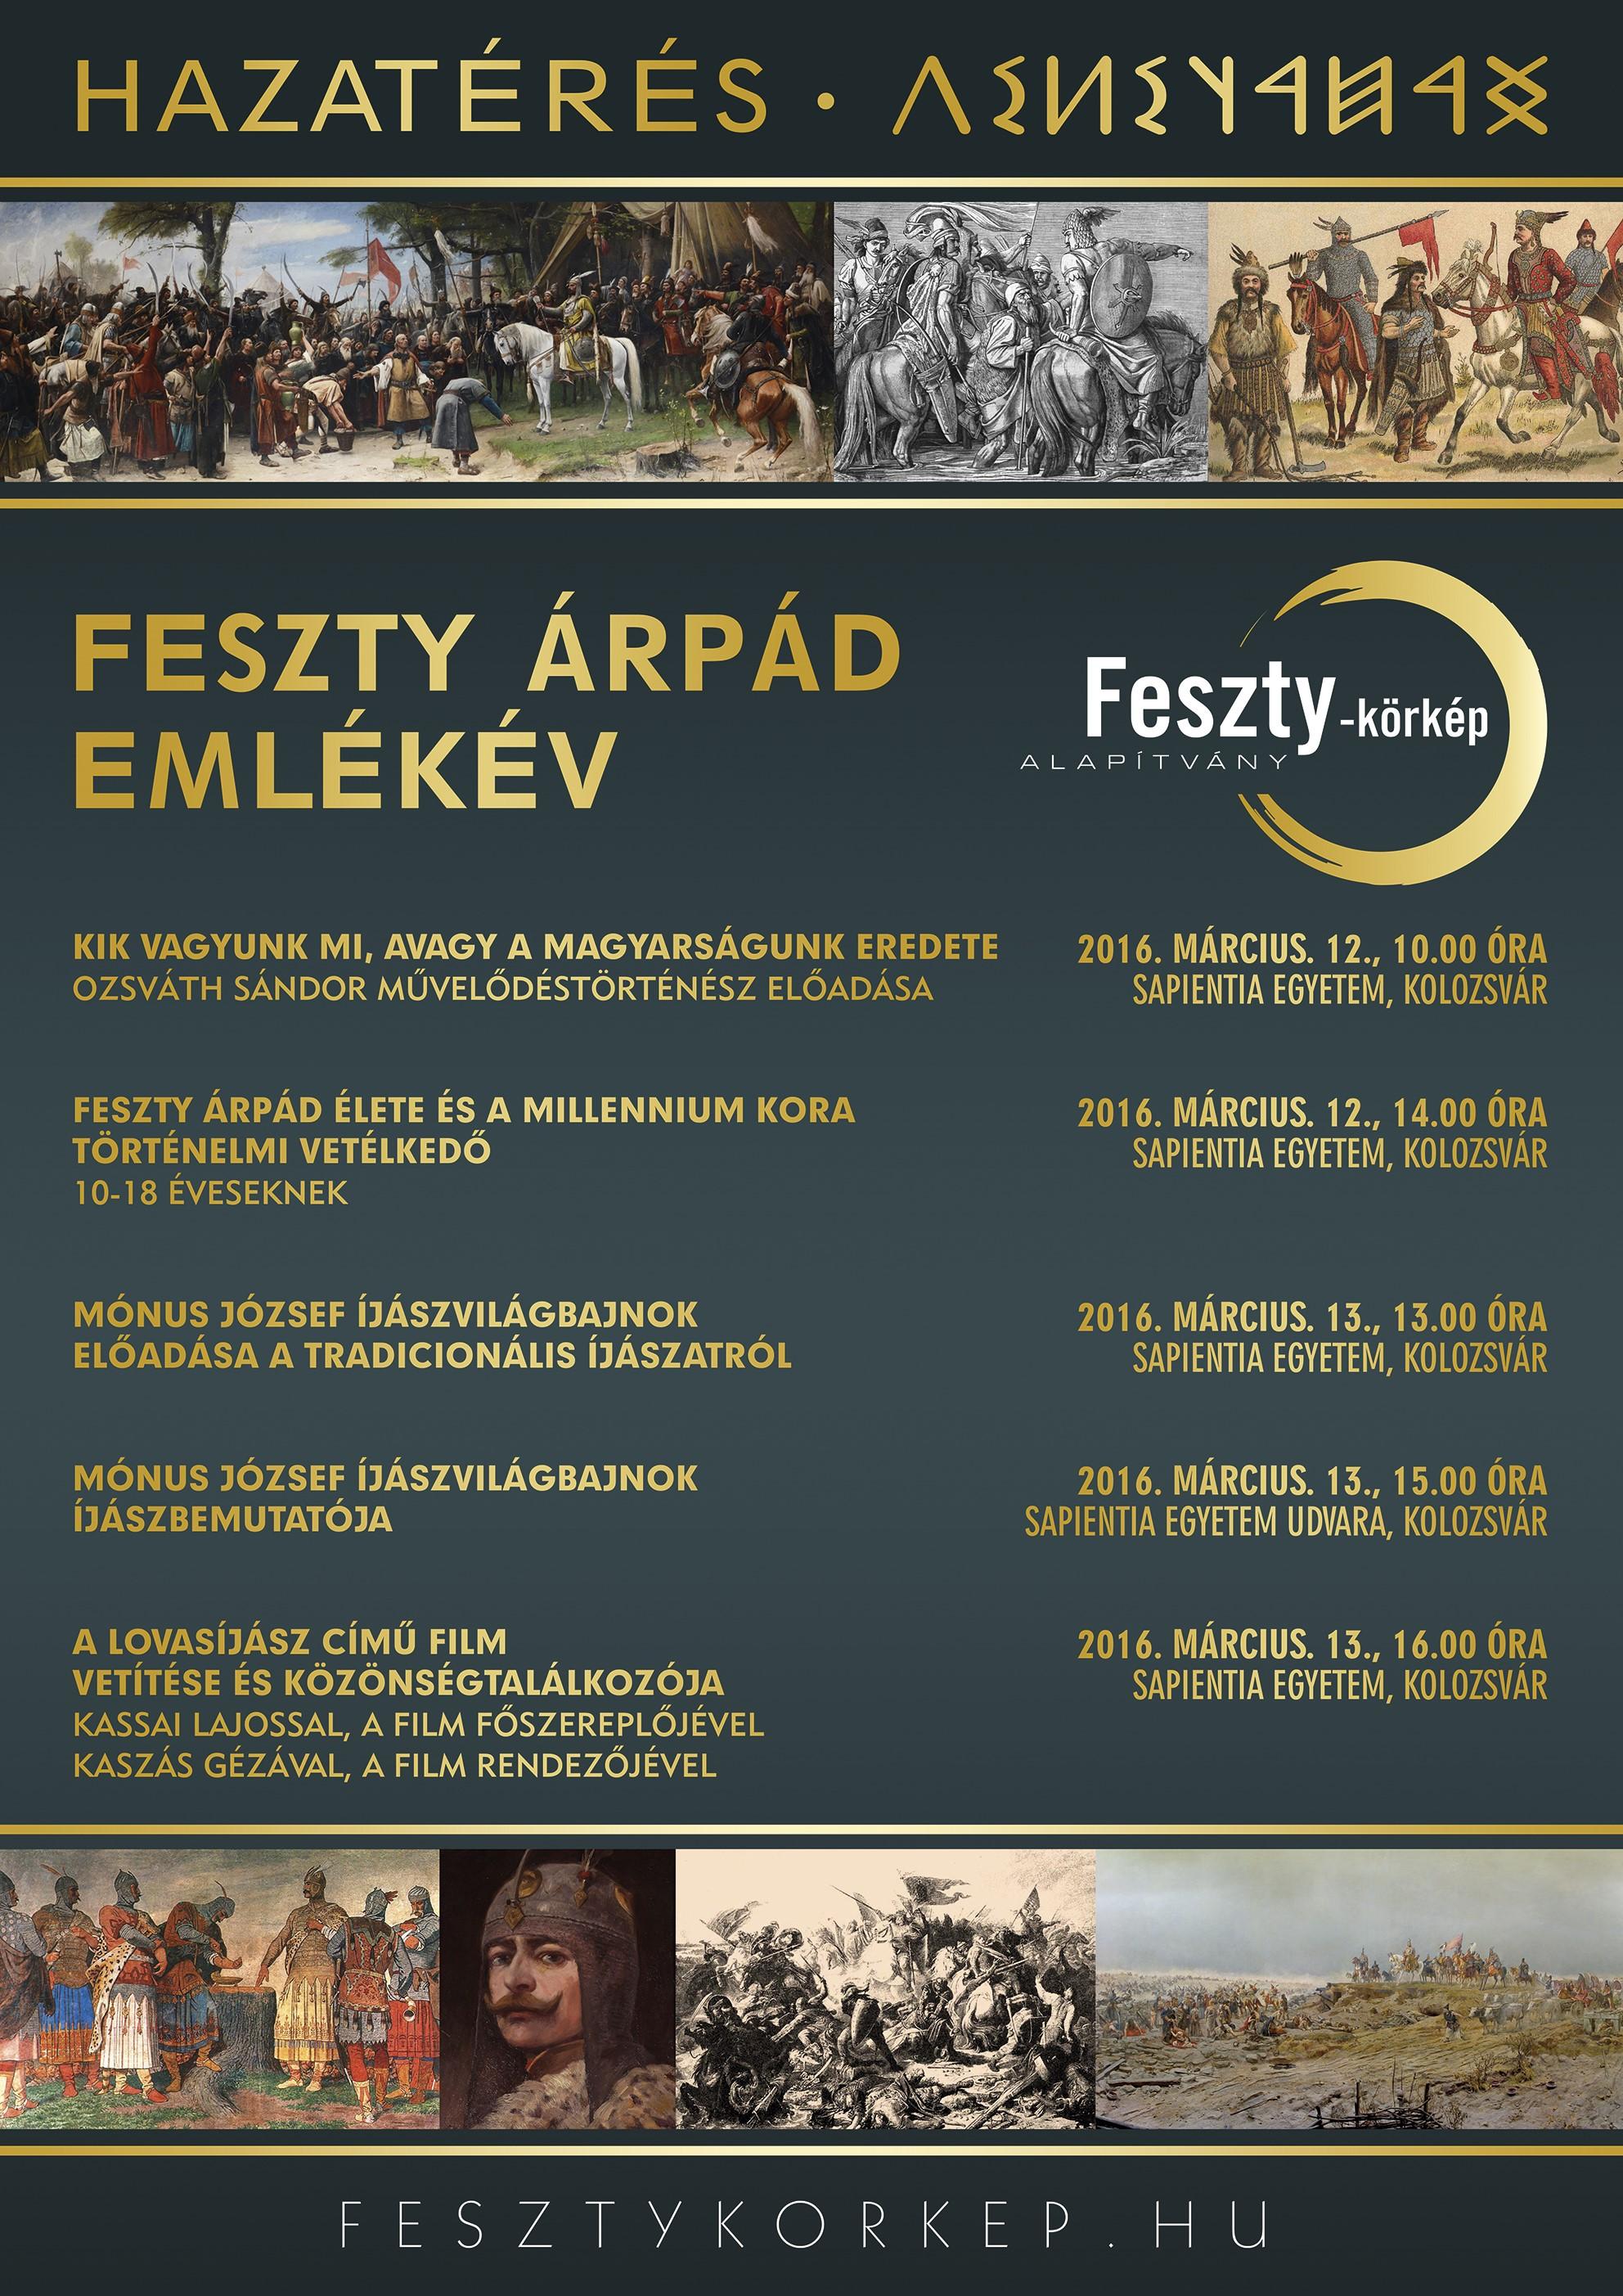 Feszty plakat, Kolozsvár 2016. 03. 12-13.